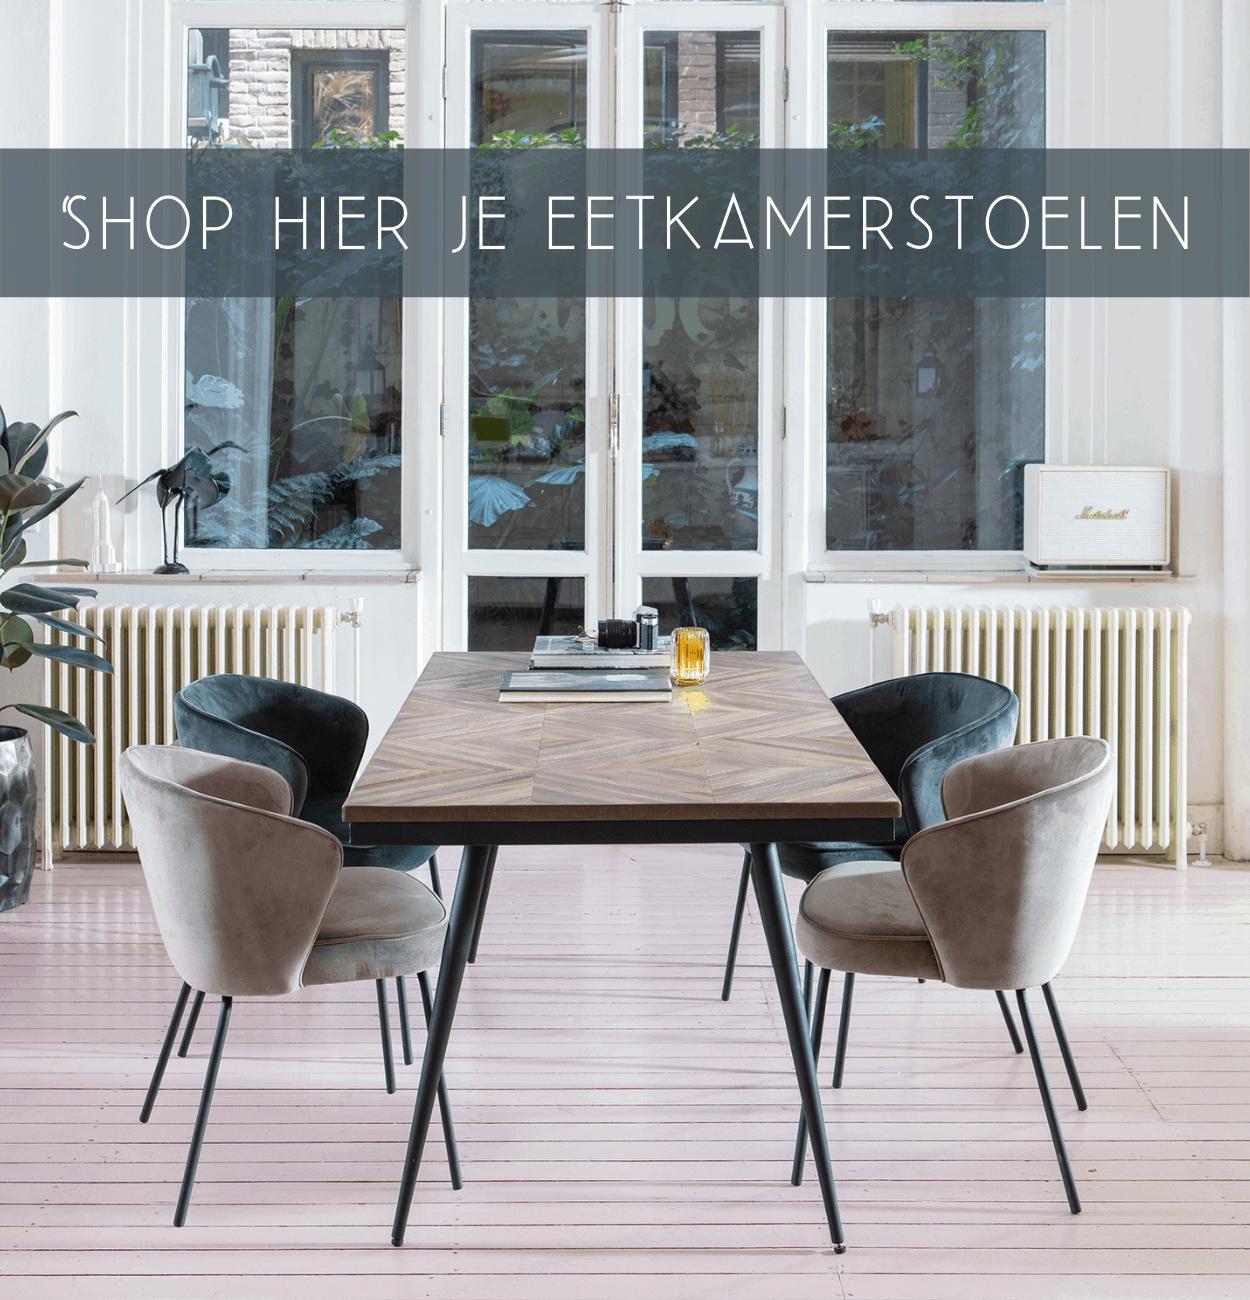 Shop hier je eetkamerstoelen | Halzes10.nl